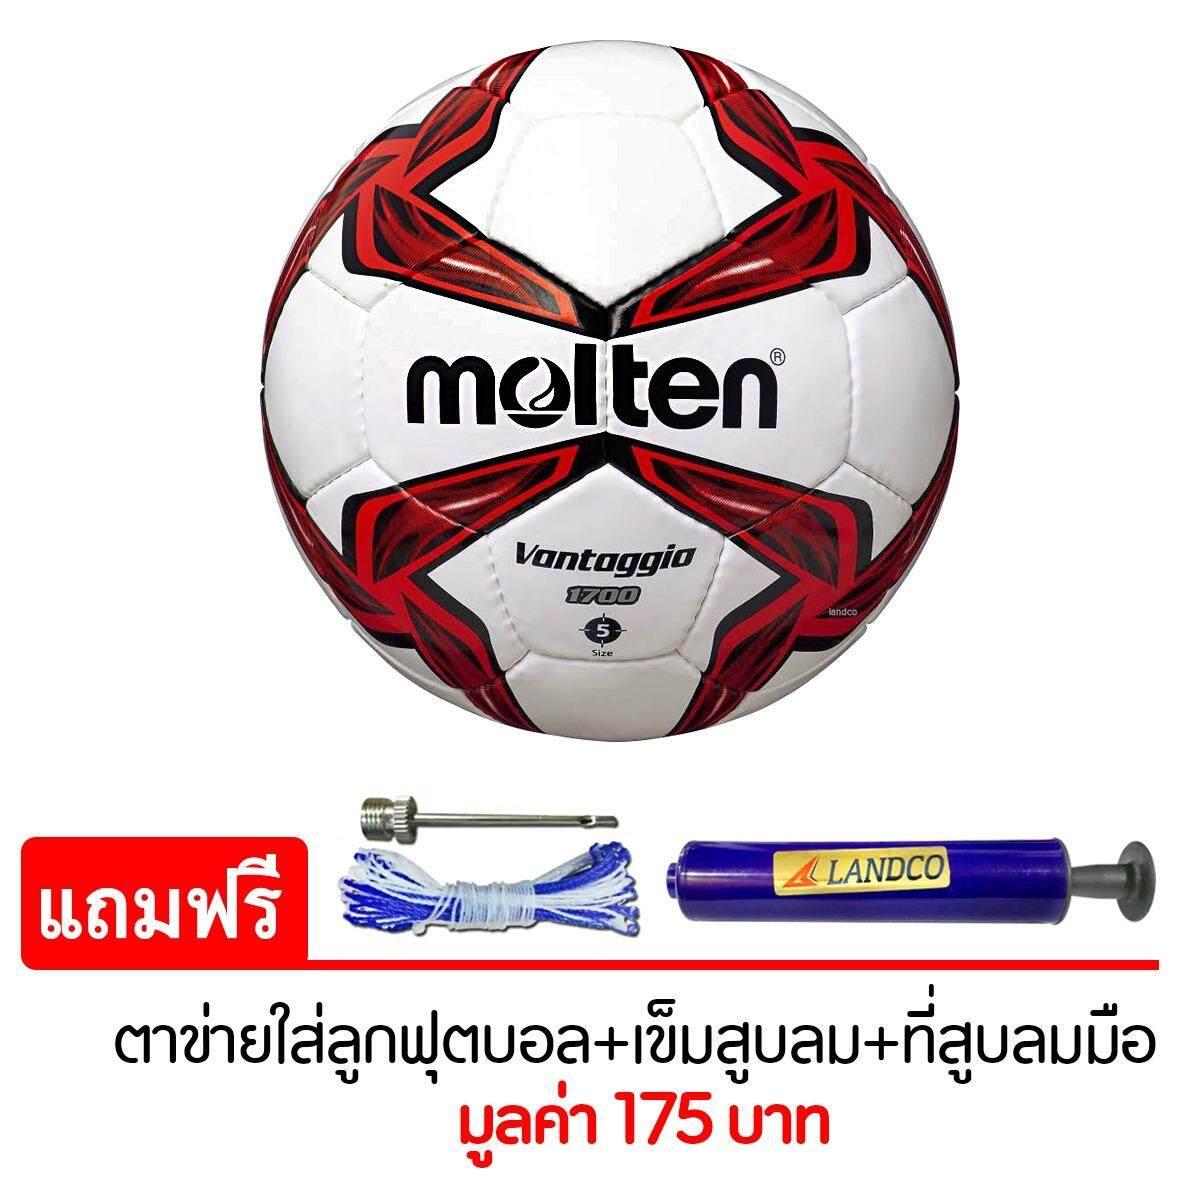 ซื้อ Molten ฟุตบอล Football Mot Hs Pvc F5V1700 R เบอร์5 แถมฟรี ตาข่ายใส่ลูกฟุตบอล เข็มสูบสูบลม สูบมือ Spl รุ่น Sl6 สีน้ำเงิน ออนไลน์ กรุงเทพมหานคร